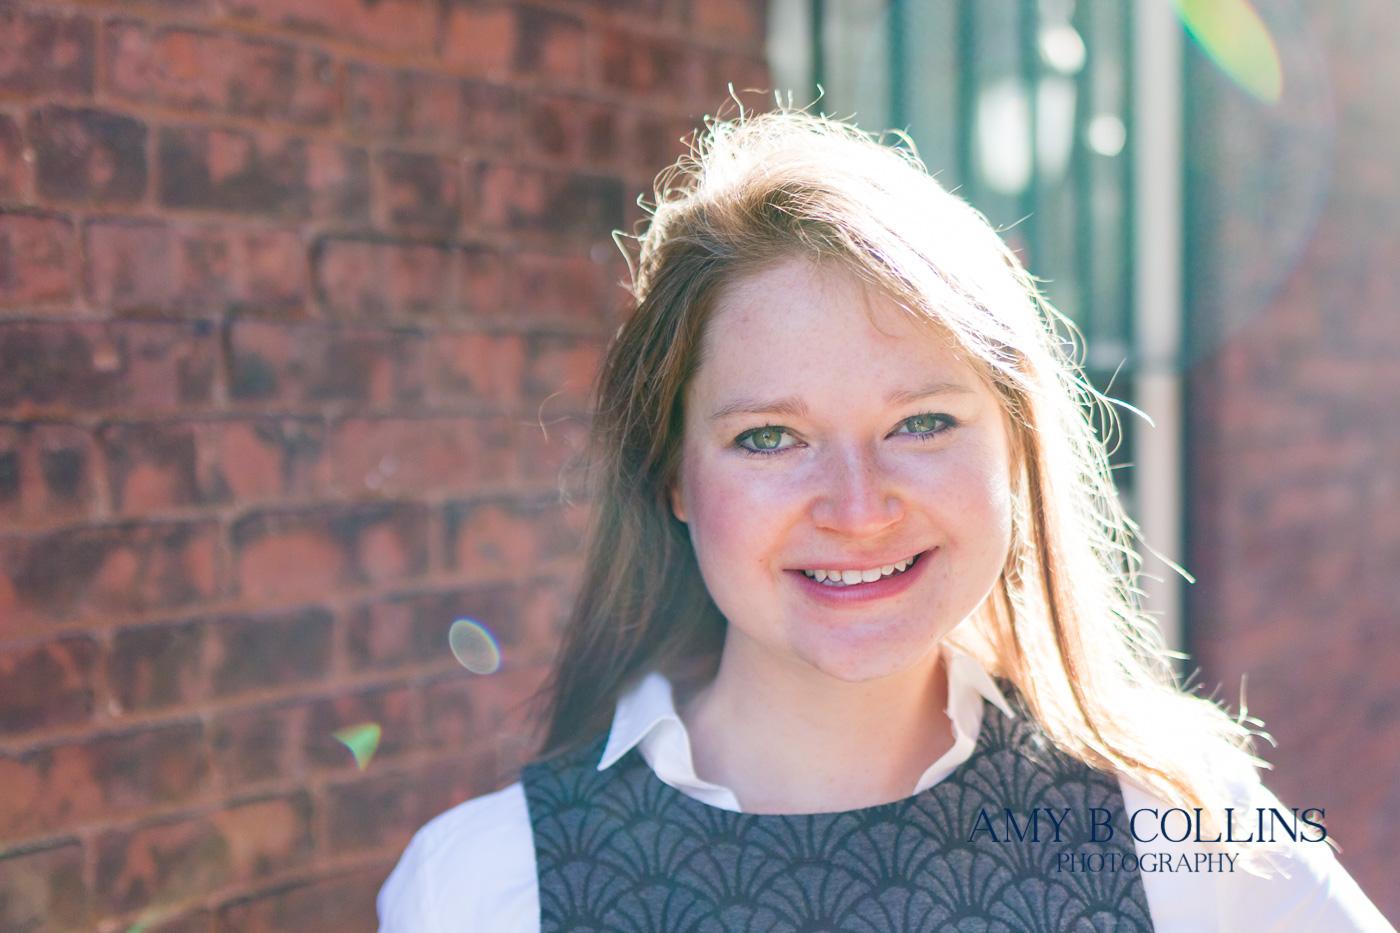 Amy_B_Collins_Photographer_Needham - 07.jpg